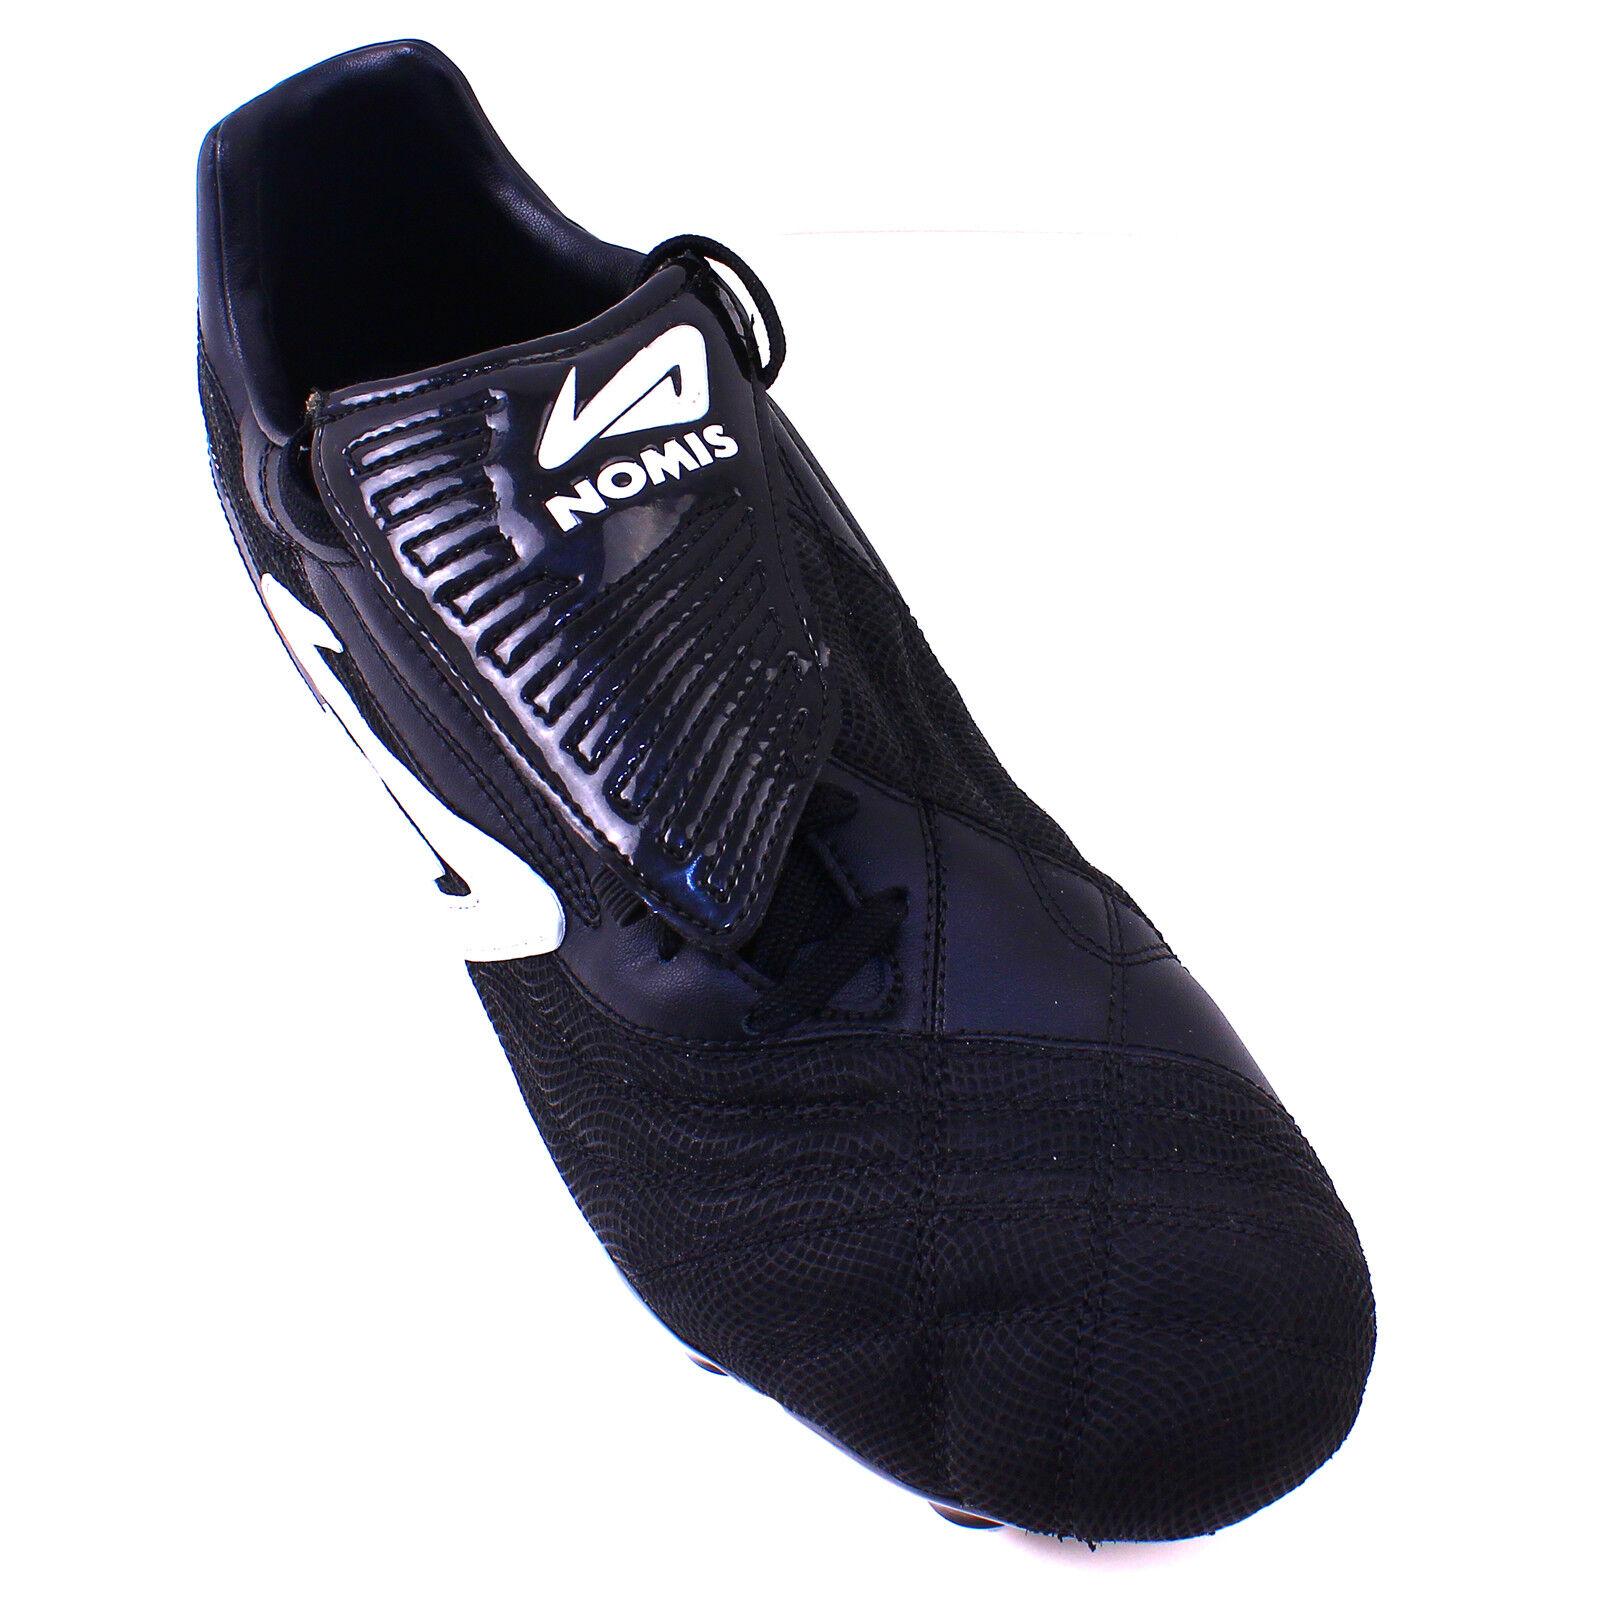 Nomis Zapatillas Running para Hombre Deportivos el Alerón Aspecto Mojado Control